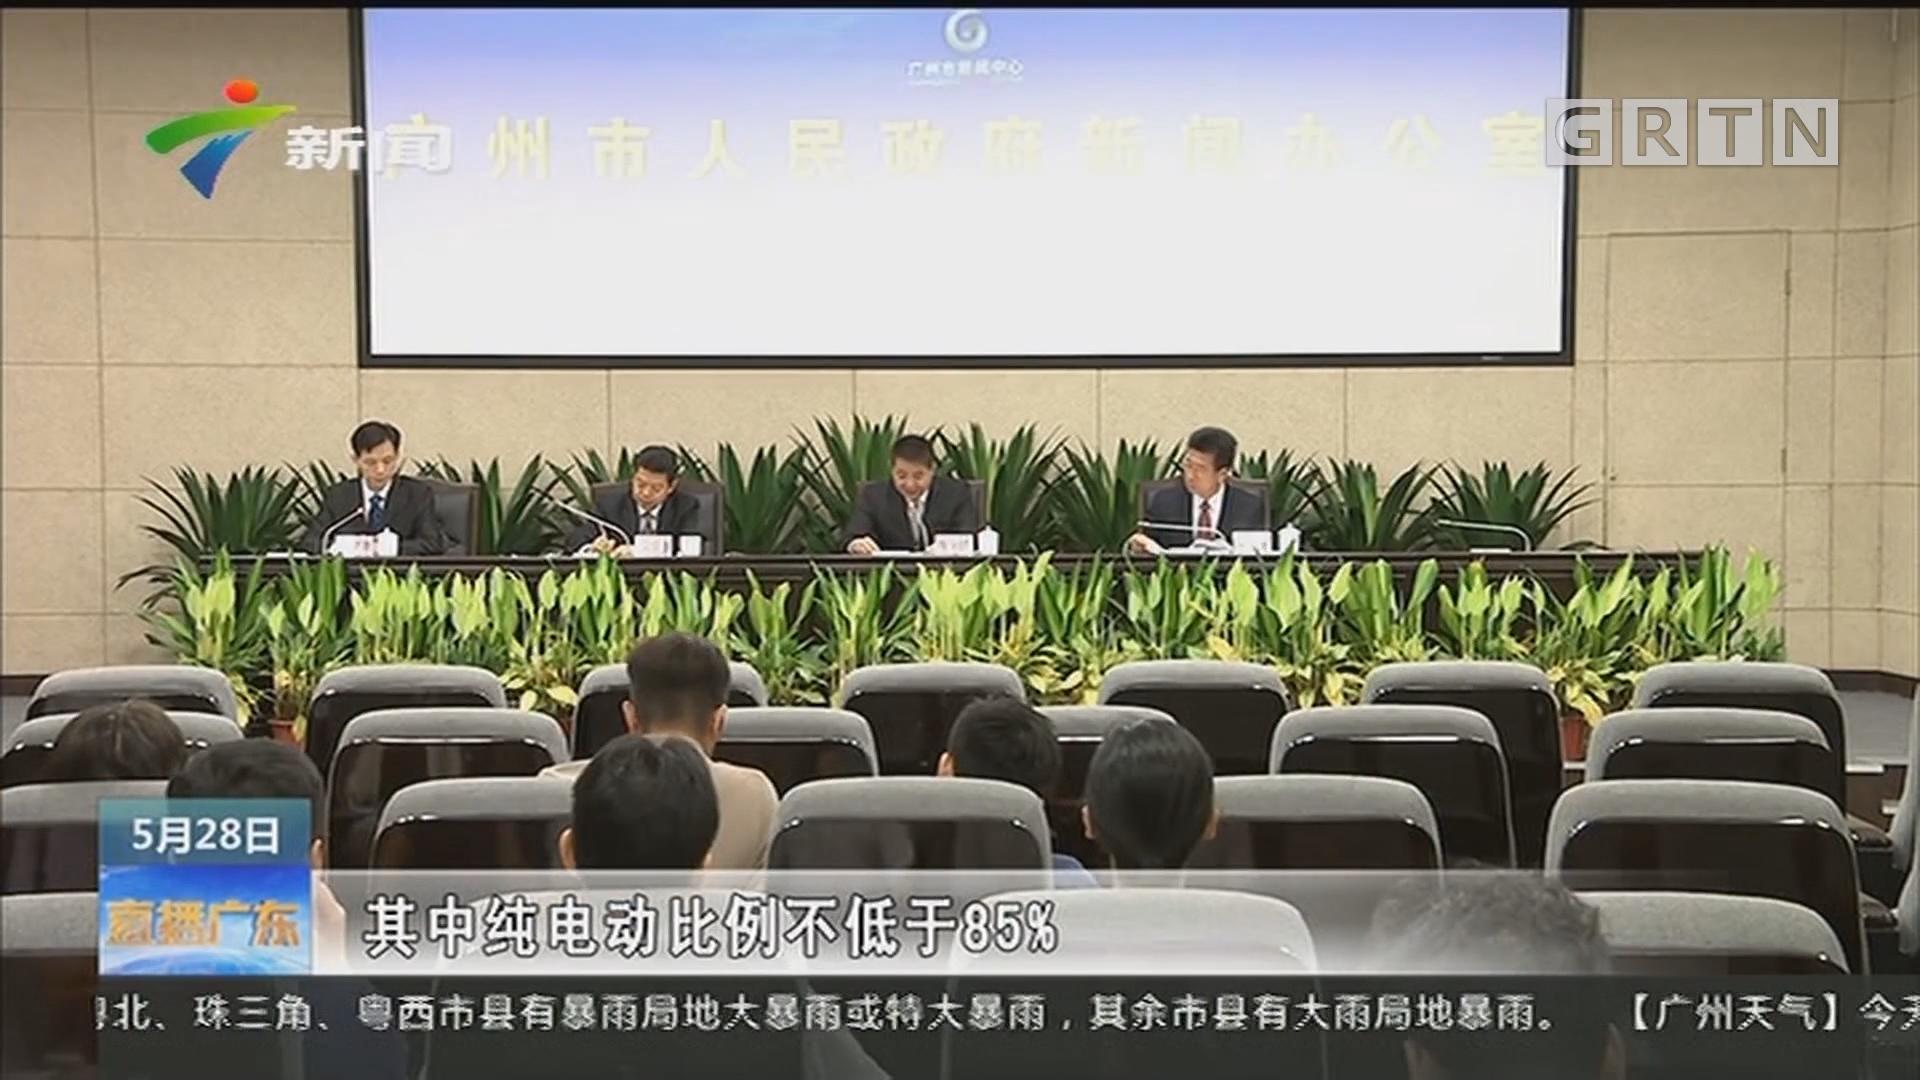 广州市政府召开定期新闻发布会 广州生态环境局:强化机动车污染治理